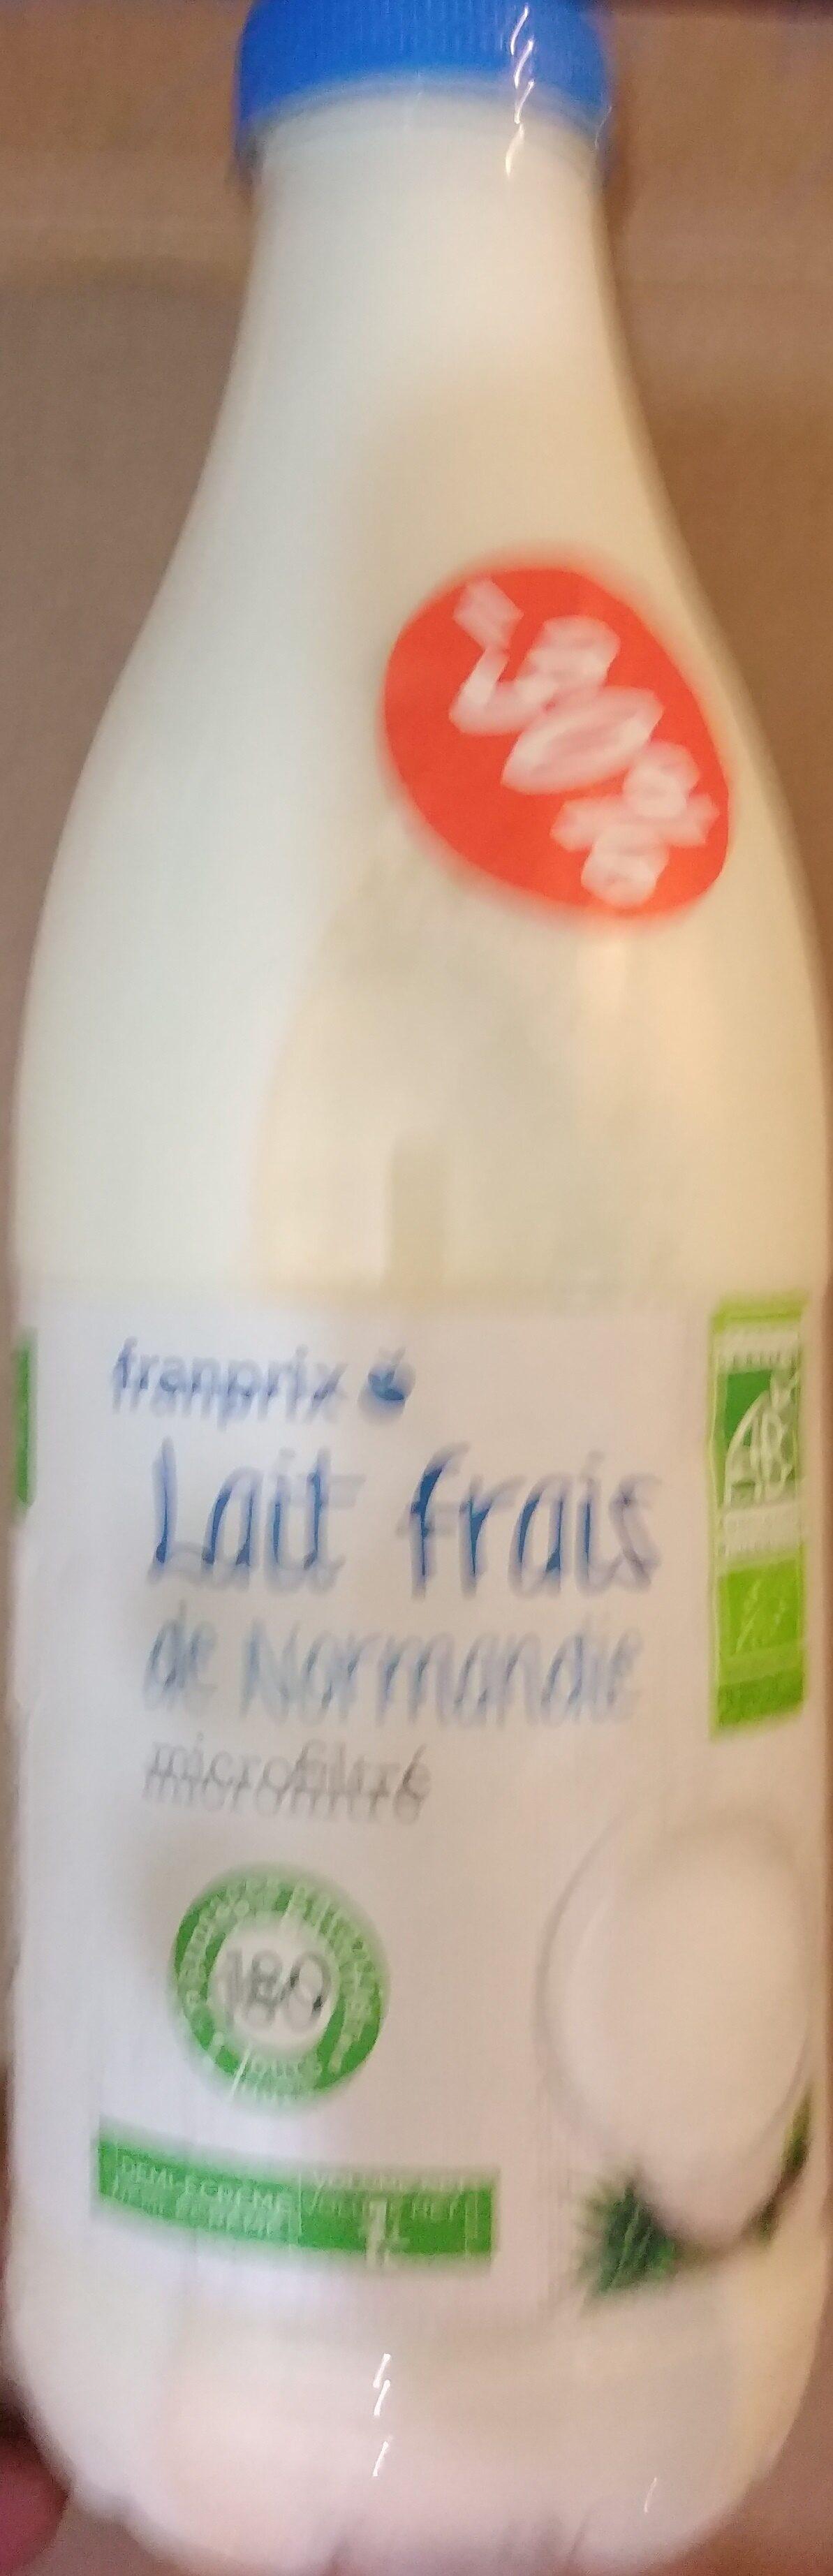 Lait frais de Normandie microfiltré demi-écrémé - Produit - fr